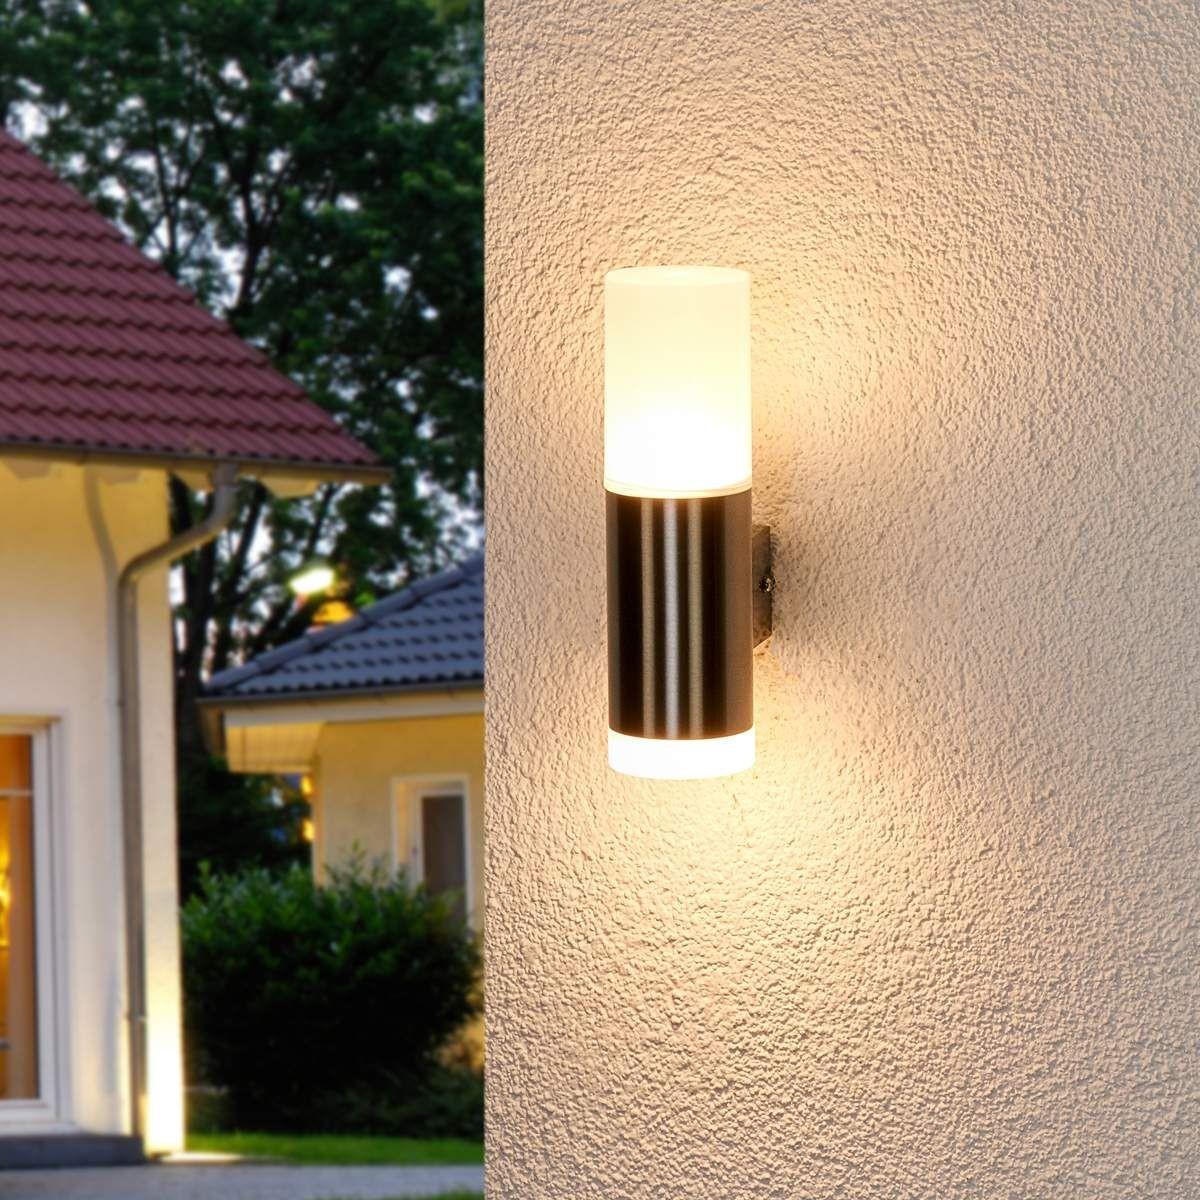 Applique Extérieure Eclairage Haut Et Bas applique extérieure en inox moderne led - taille : taille